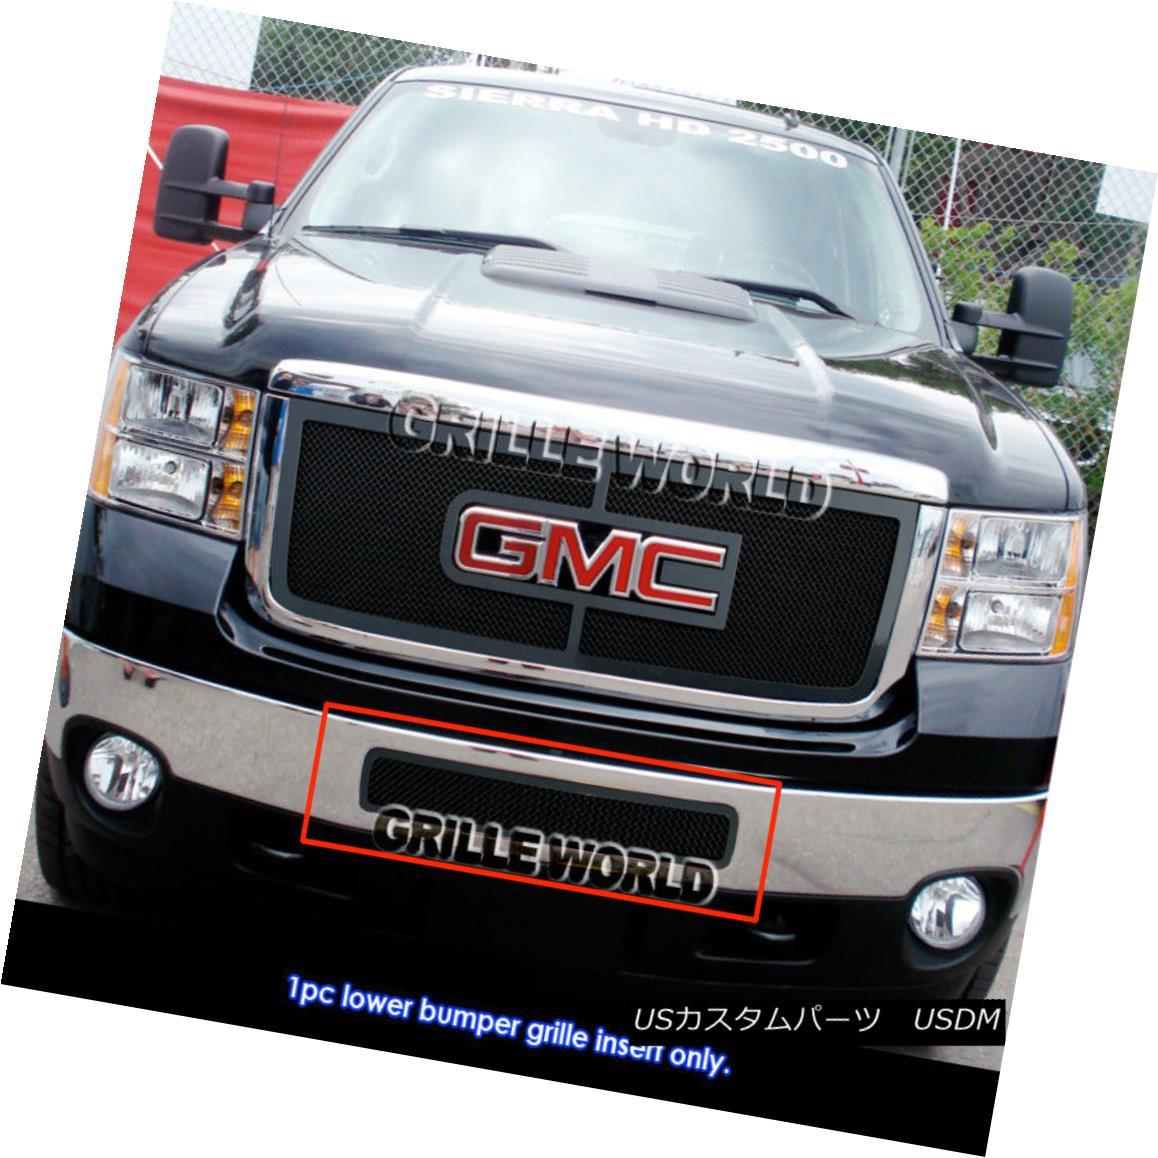 グリル For 2011-2014 GMC Sierra 2500/3500 HD Black Stainless Steel Mesh Premium Grill 2011-2014 GMC Sierra 2500/3500 HDブラックステンレススチールメッシュプレミアムグリル